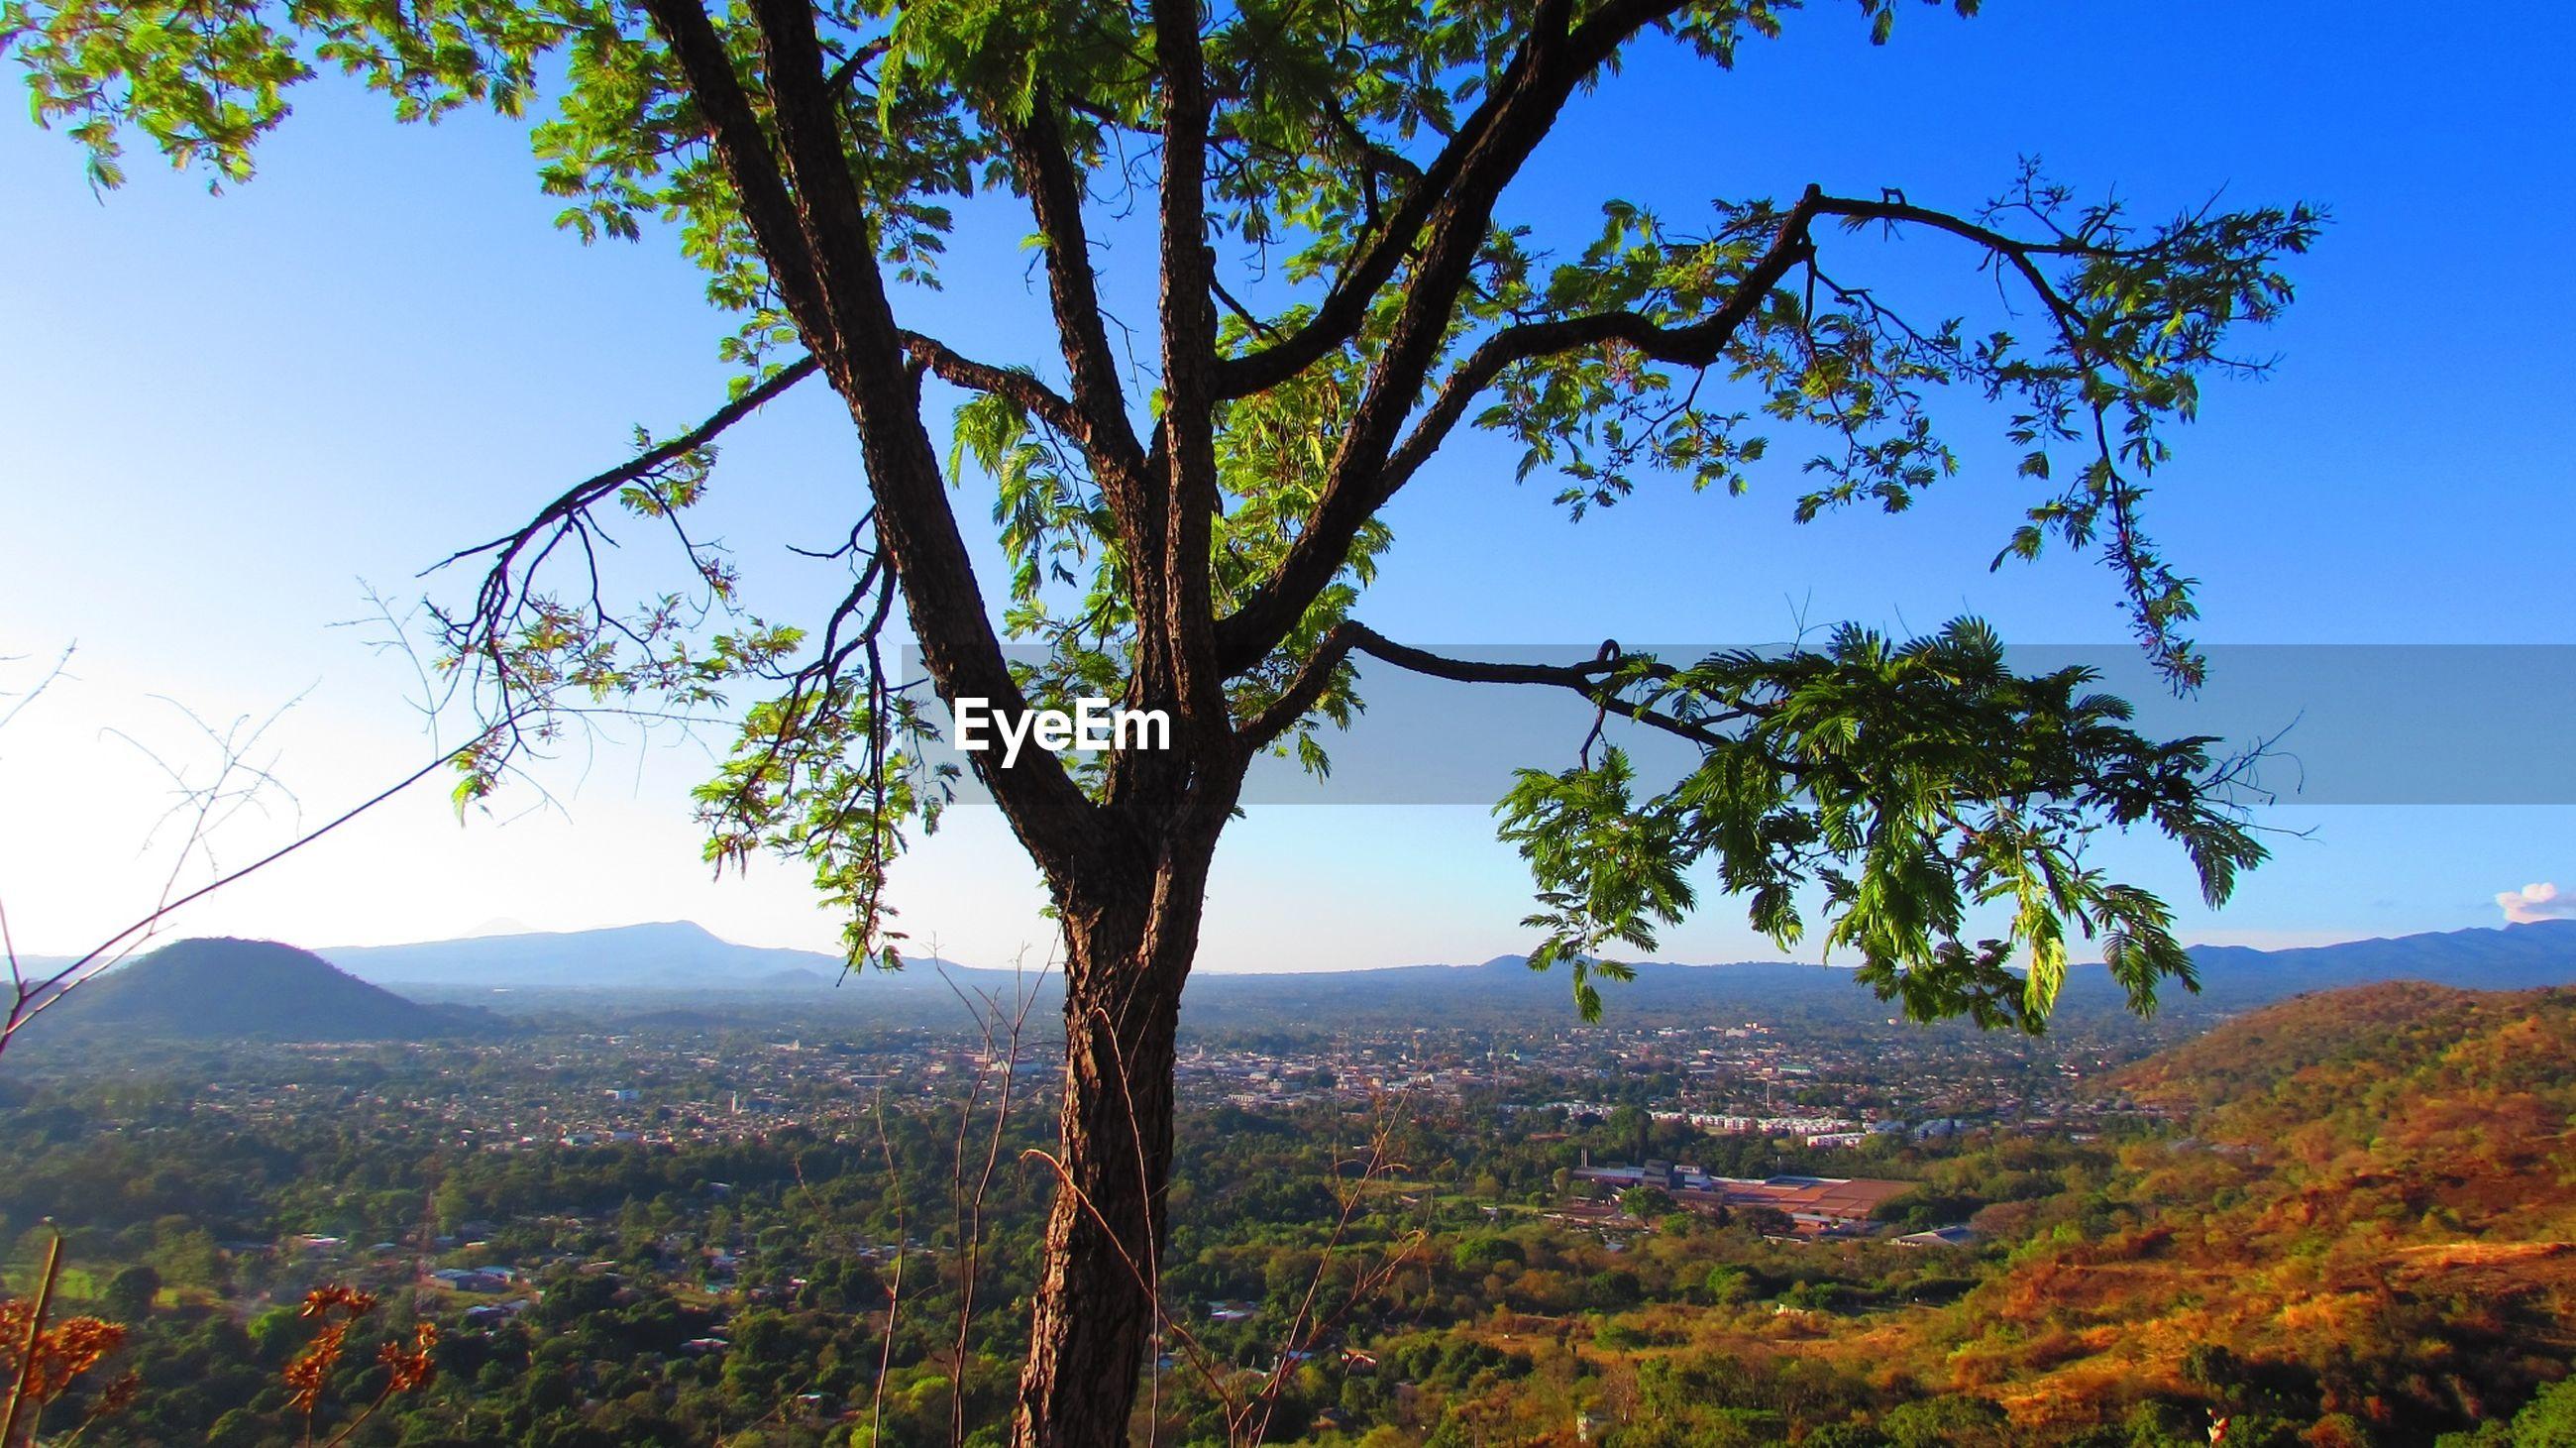 Tree on filed against sky